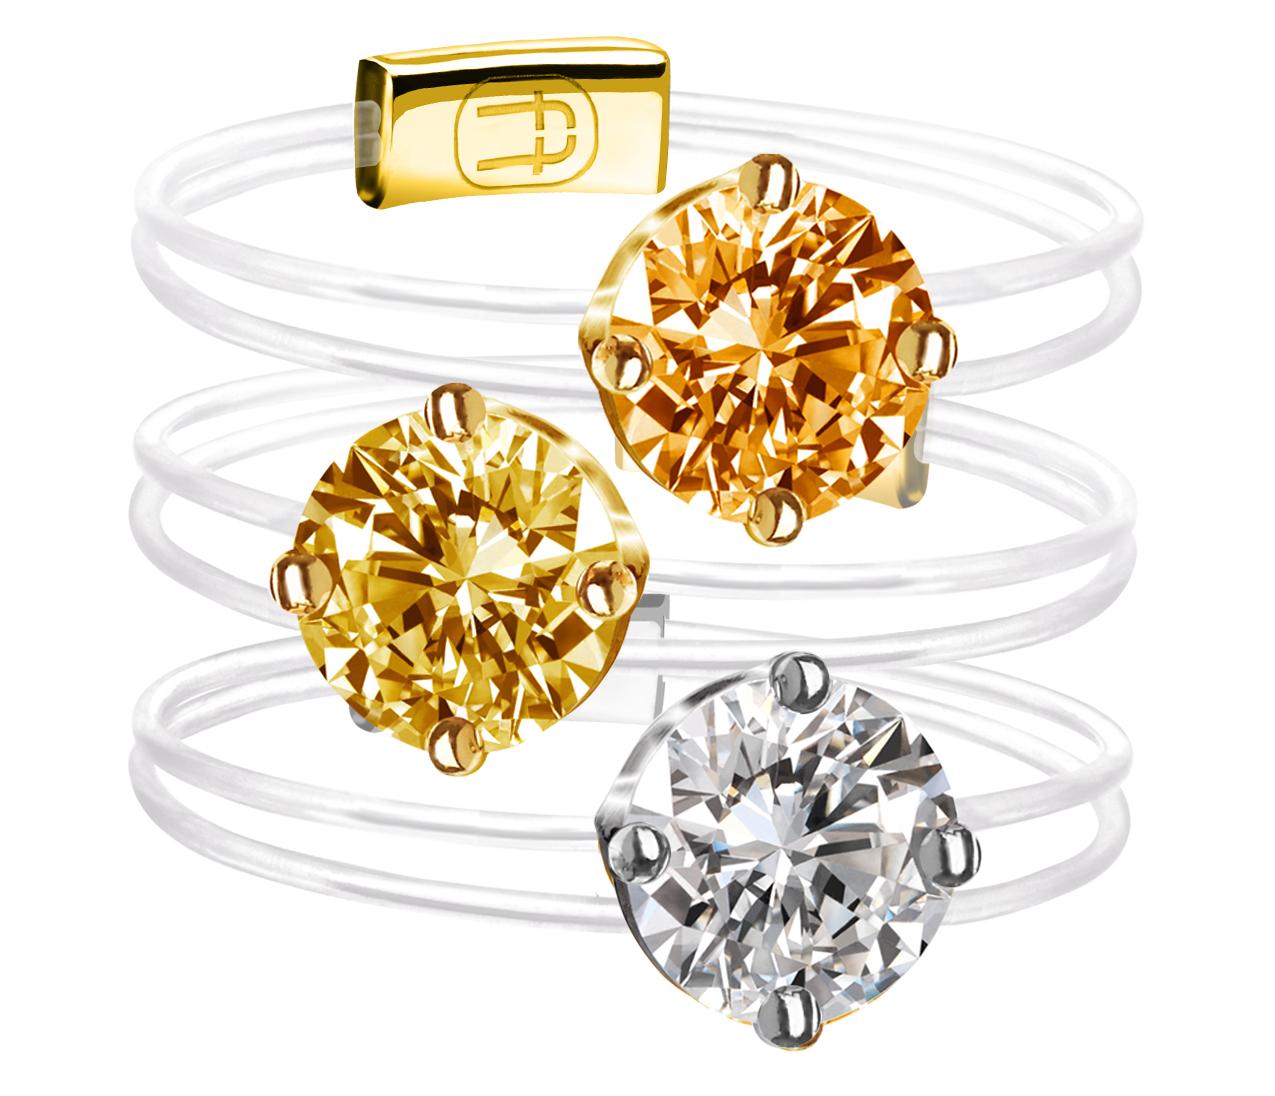 Les bijoux d'Alexander Fuchs, des diamants sur un fil fluorocarbone, le diamant autrement.